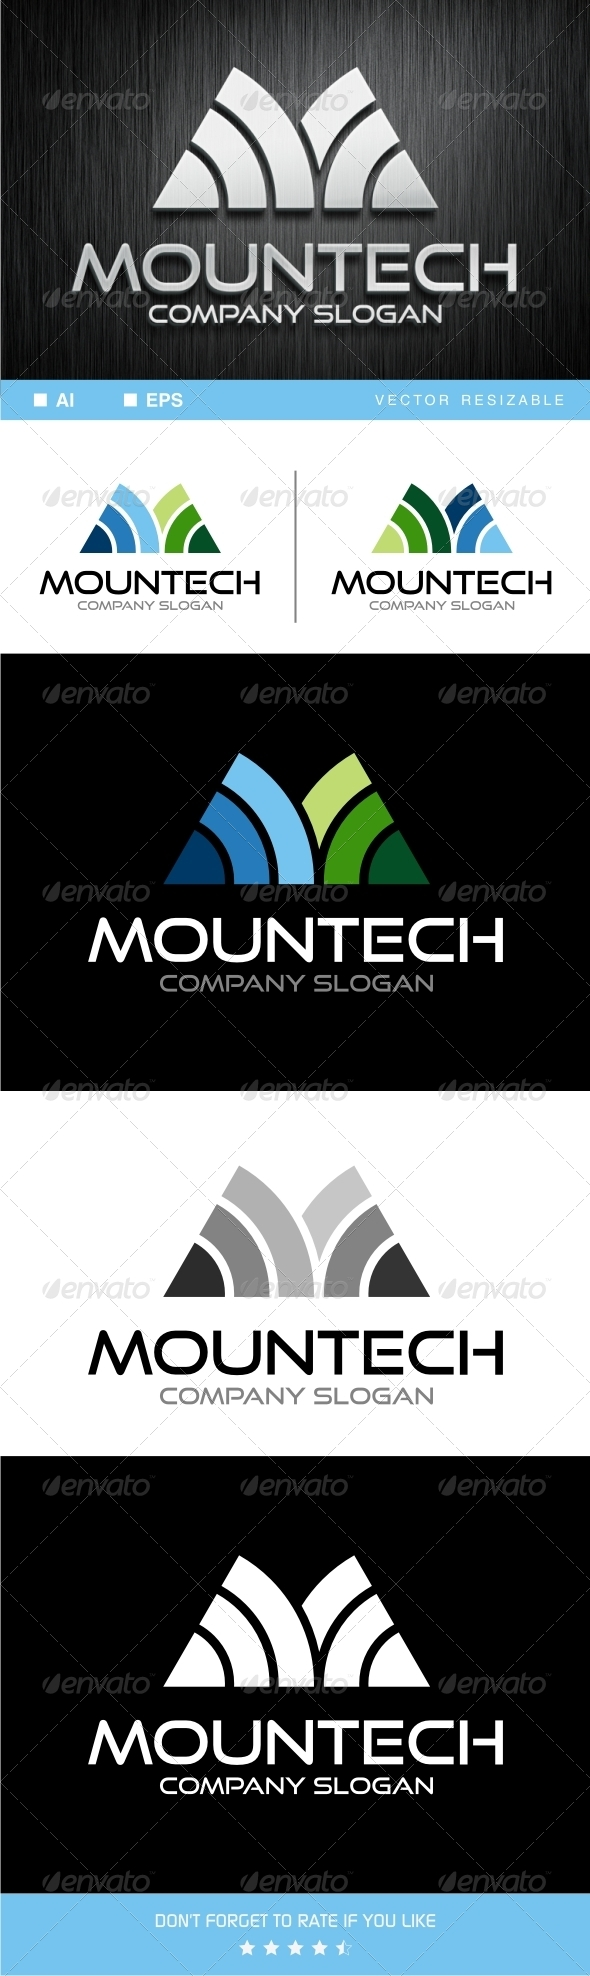 GraphicRiver Mountech Logo Template 7451186